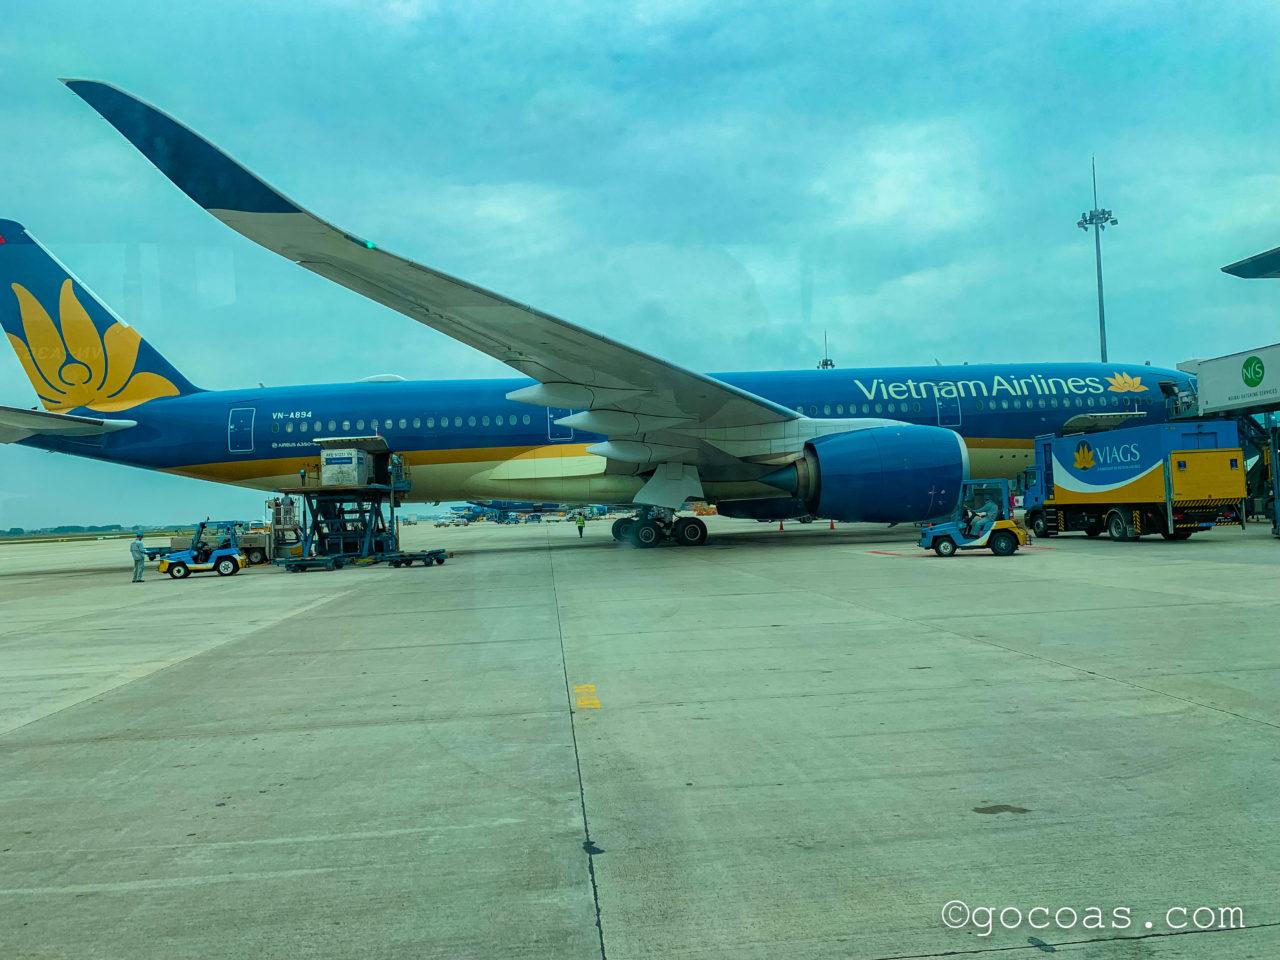 ノイバイ国際空港ベトナムエアライン飛行機